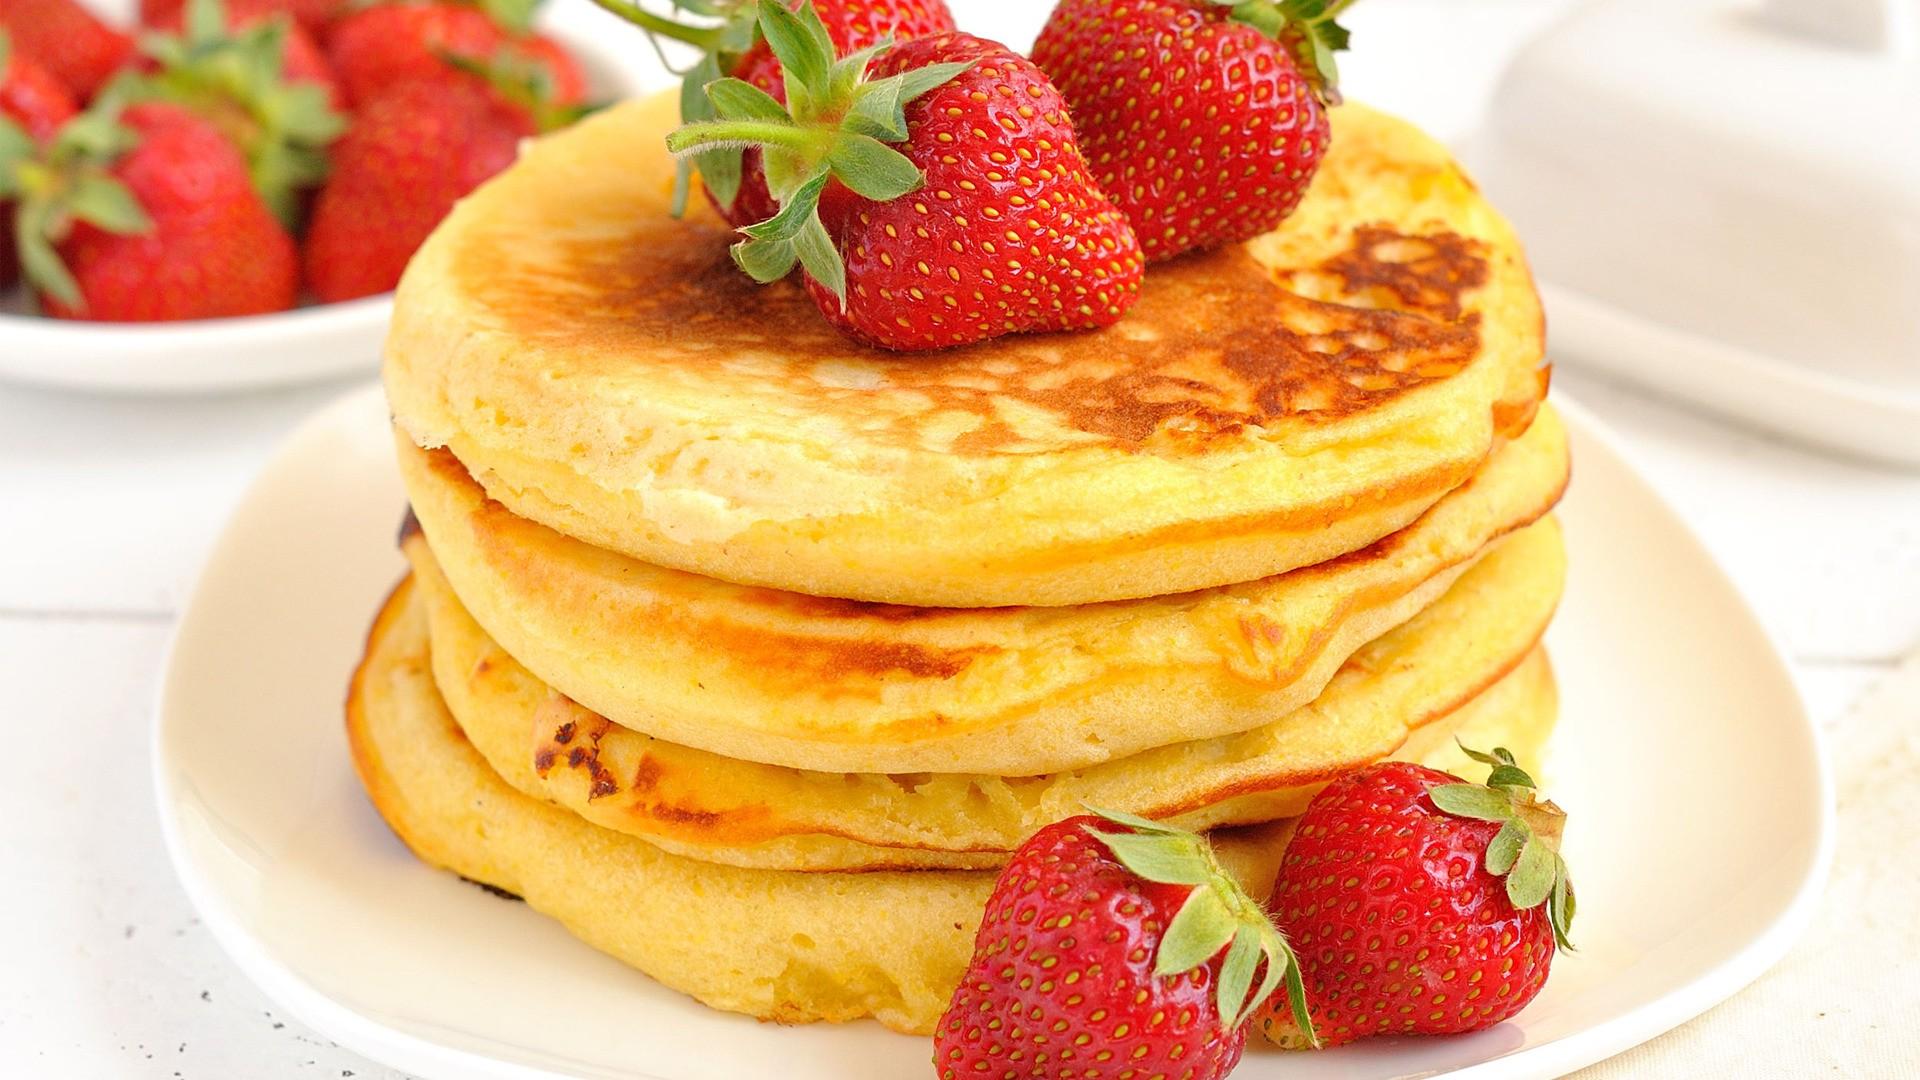 Pancake free wallpaper for desktop